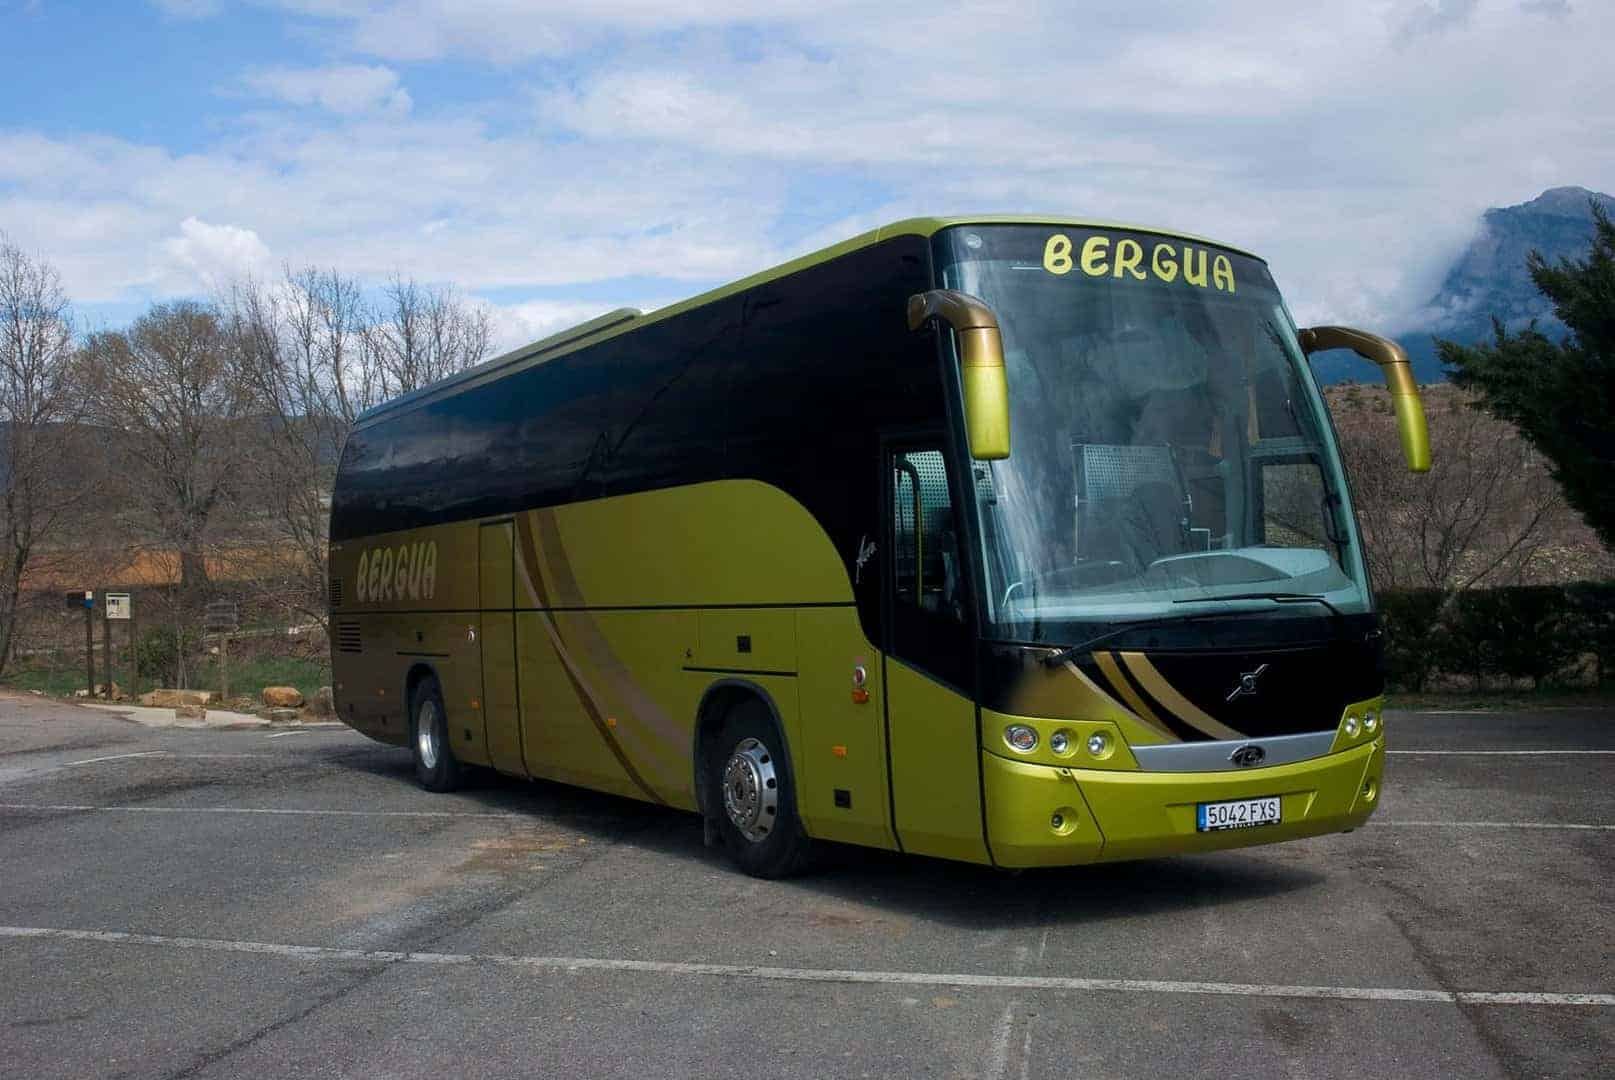 5042FXS-2 Bergua